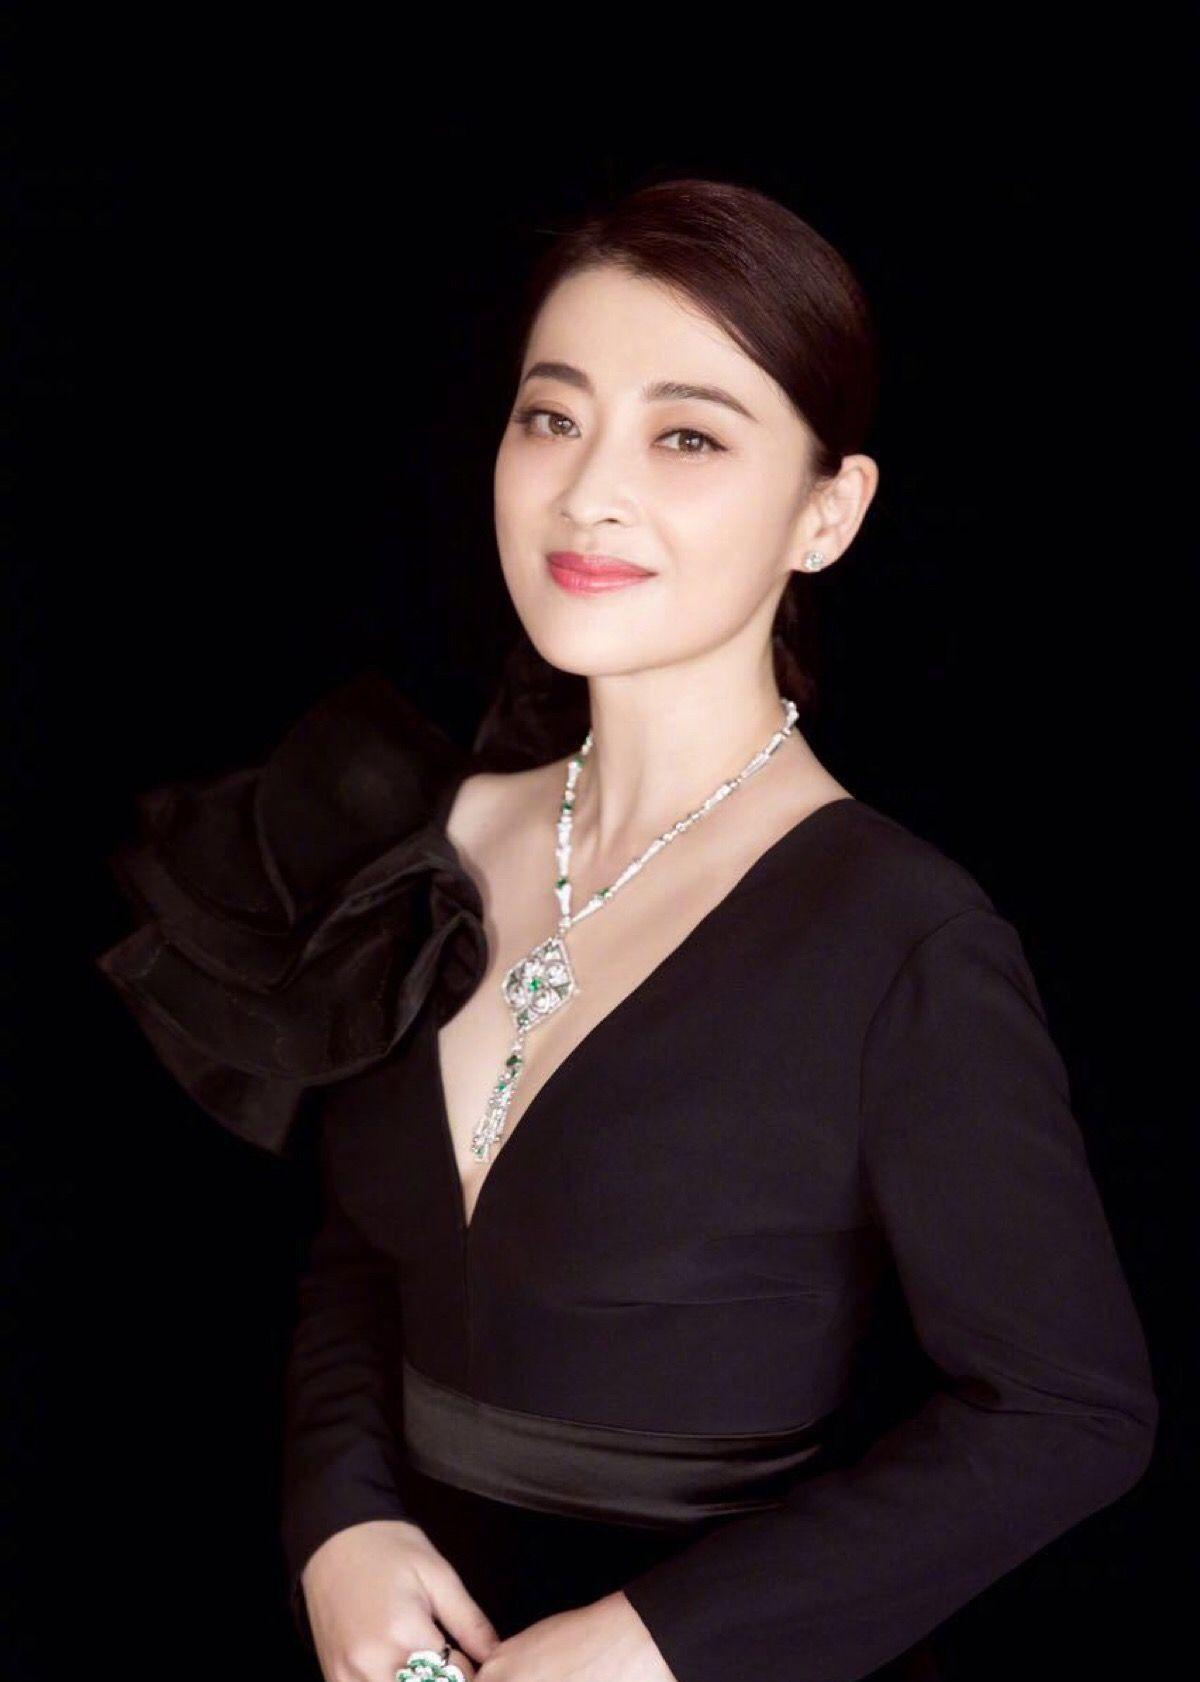 梅婷美出新高度,黑色薄纱上衣很大胆,网友:麻花辫才是亮点